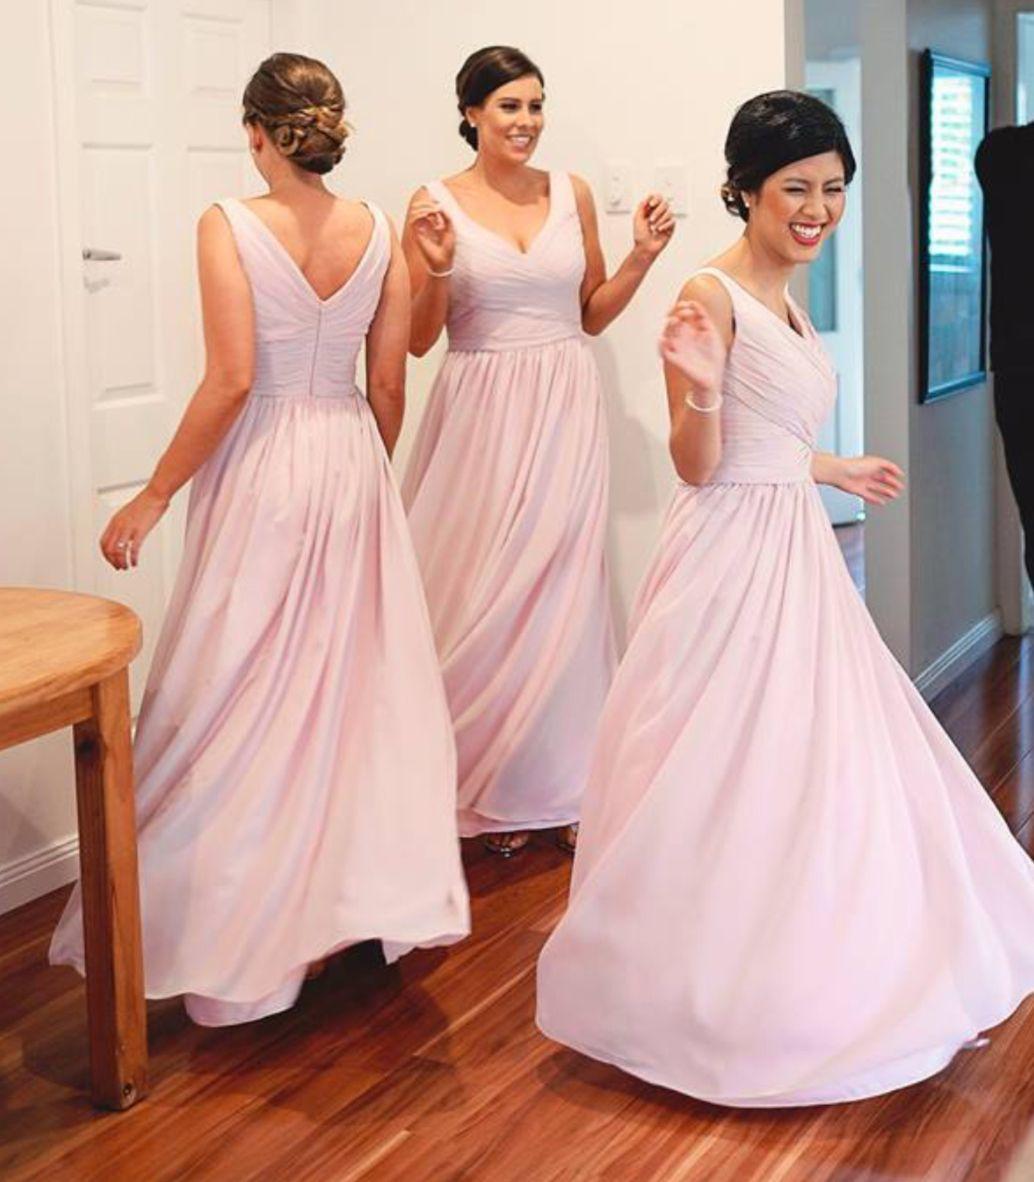 Aline vneck plus size bridesmaid dresseslong bridesmaid dresses